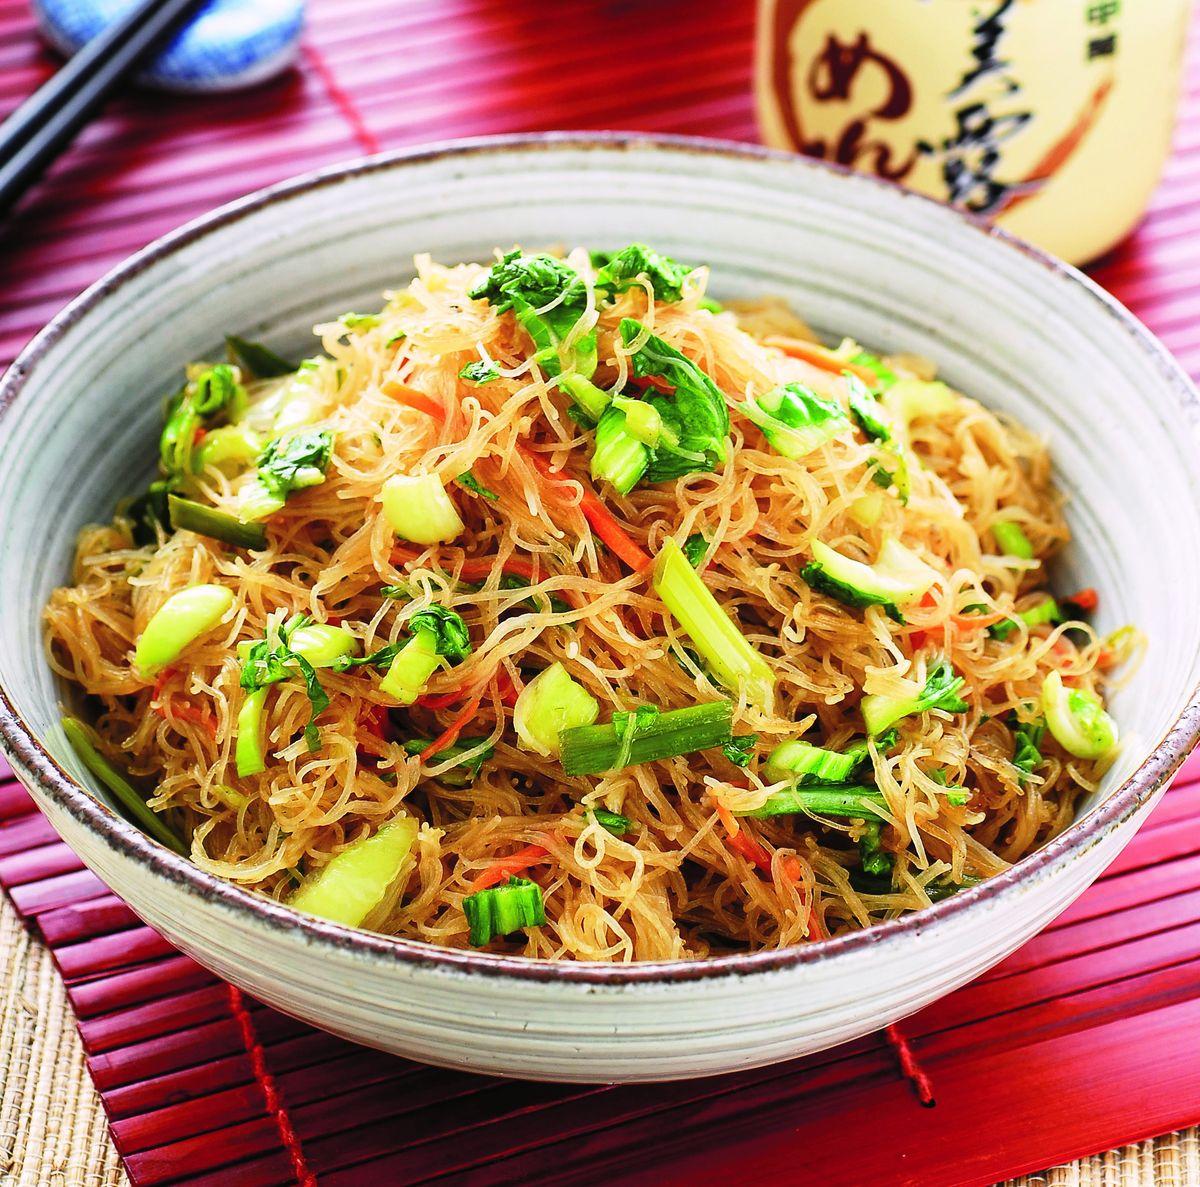 食譜:翡翠炒米粉